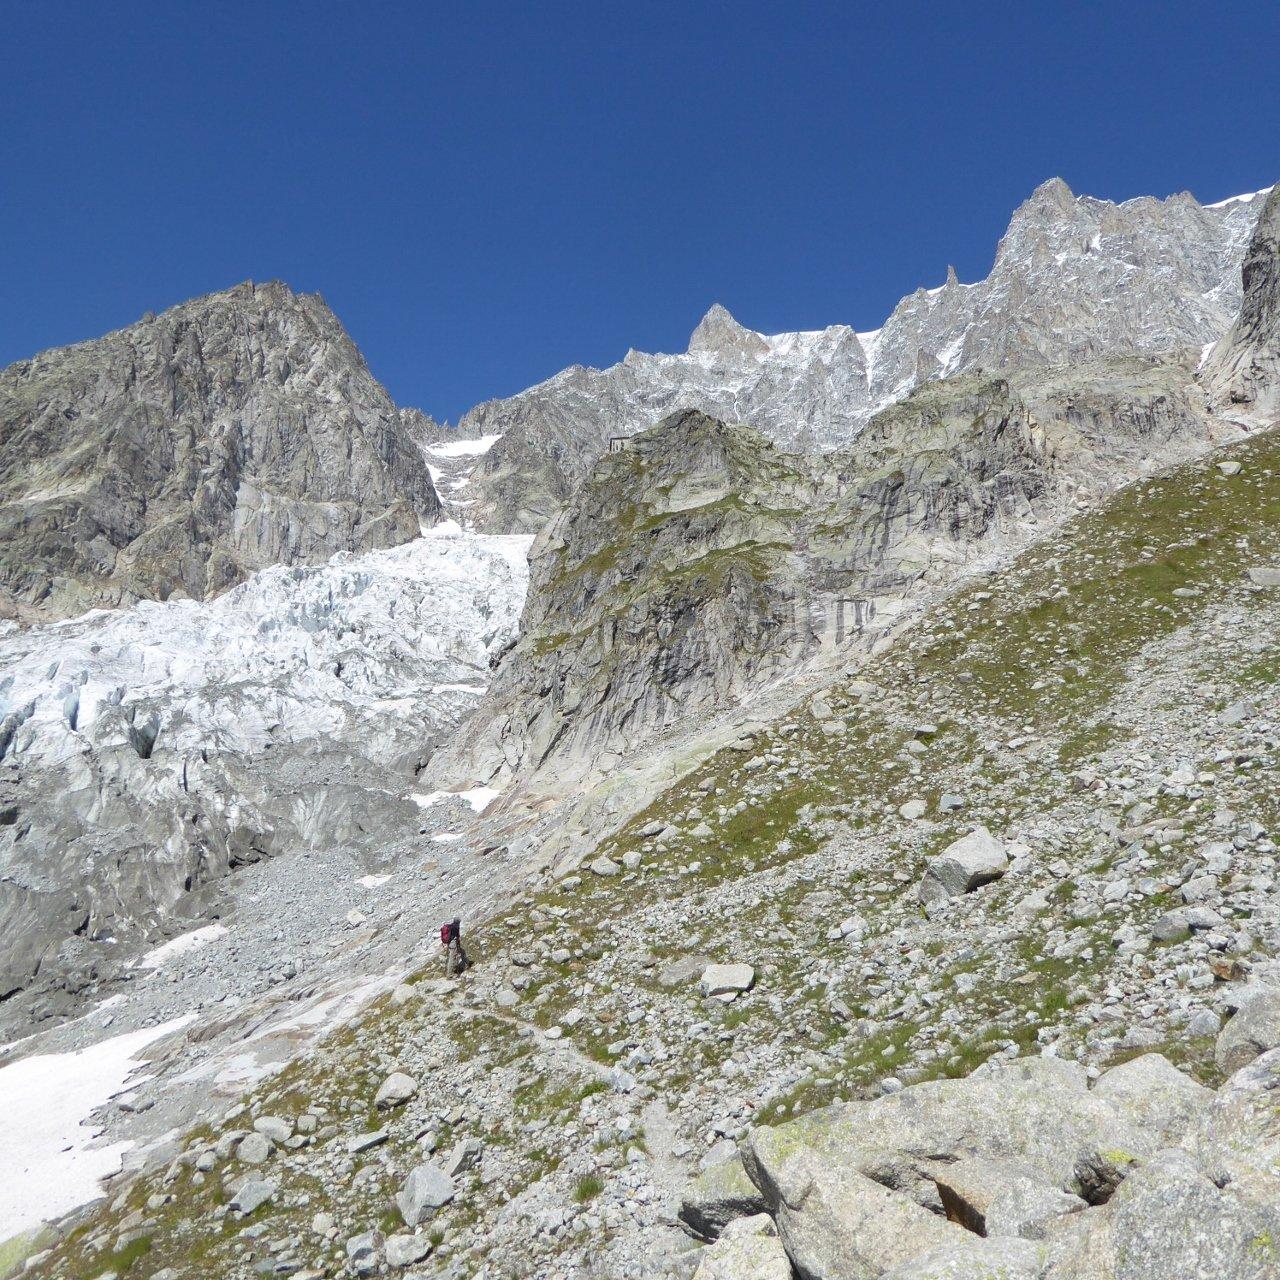 rifugio Boccalatte al centro della foto sul costolone roccioso